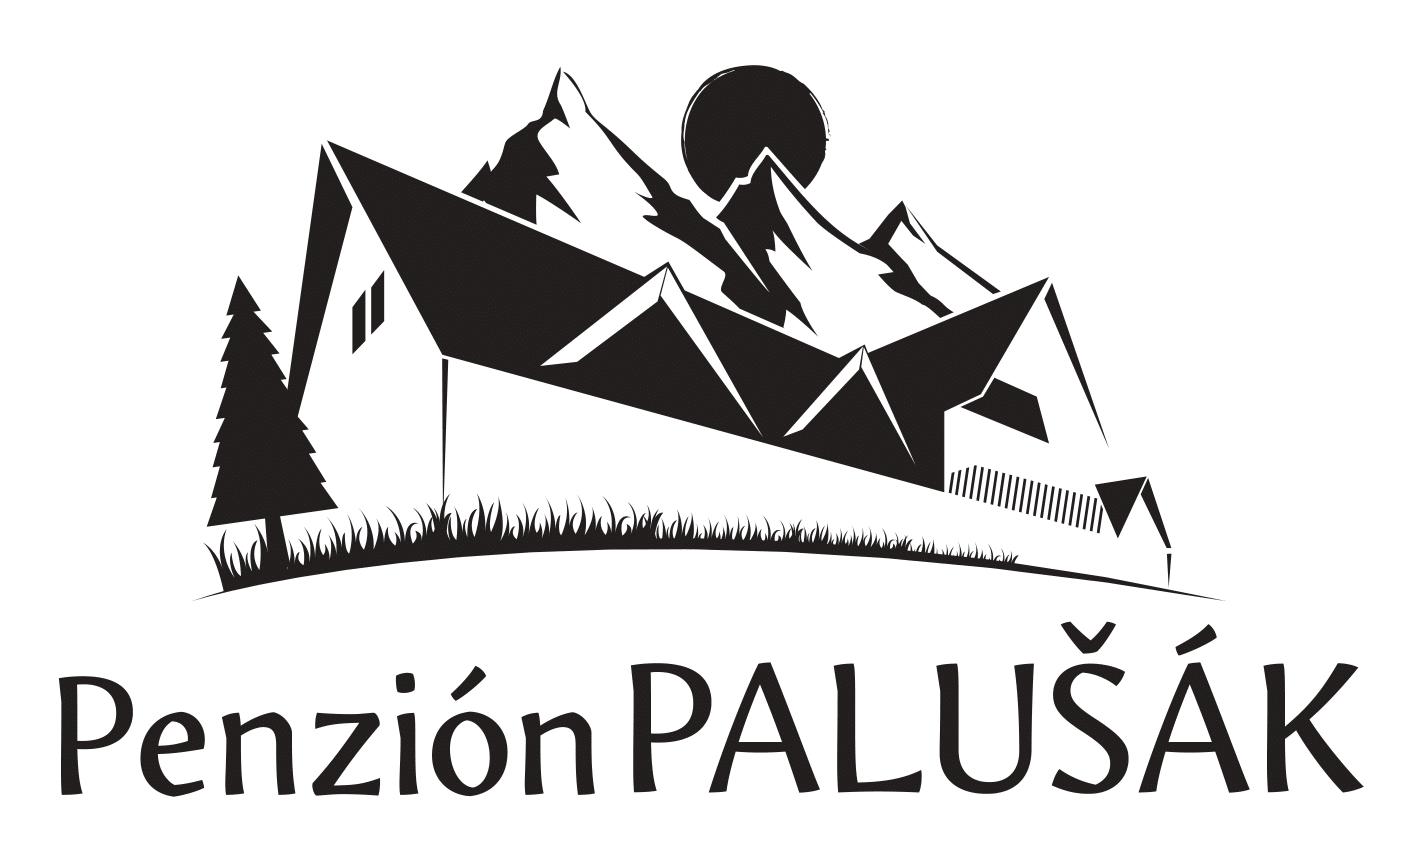 PENZIÓN PALUŠÁK